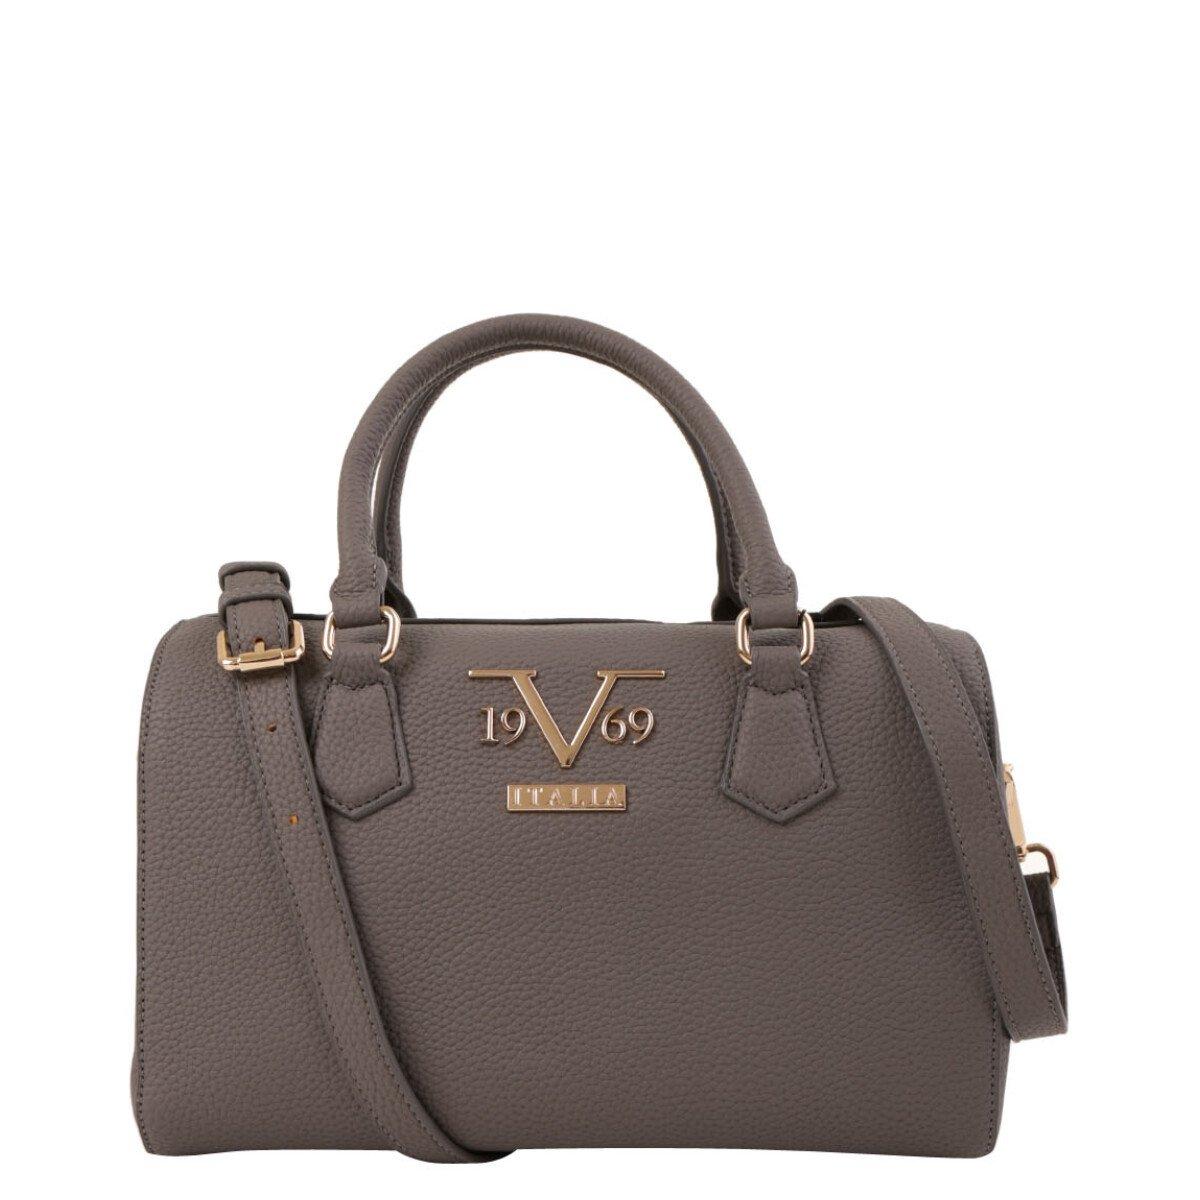 19v69 Italia Women's Handbag Various Colours 319009 - grey UNICA